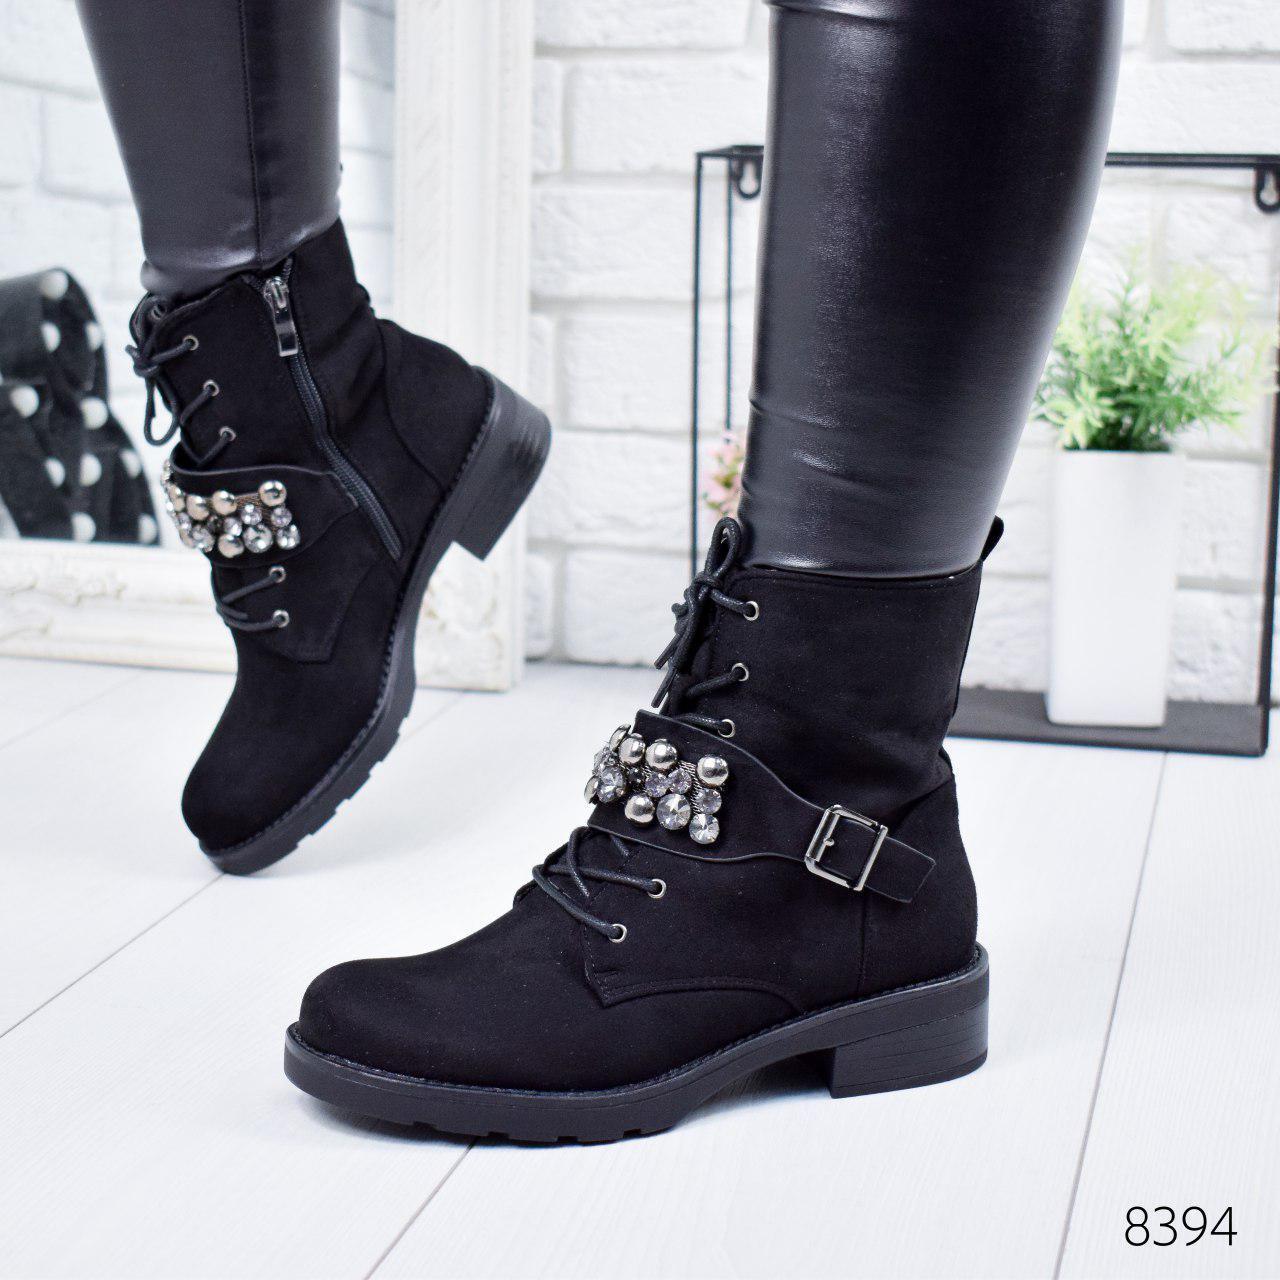 """Ботинки женские демисезонные """"Folex"""" черного цвета из эко замши. Ботильоны женские. Ботильоны демисезон"""